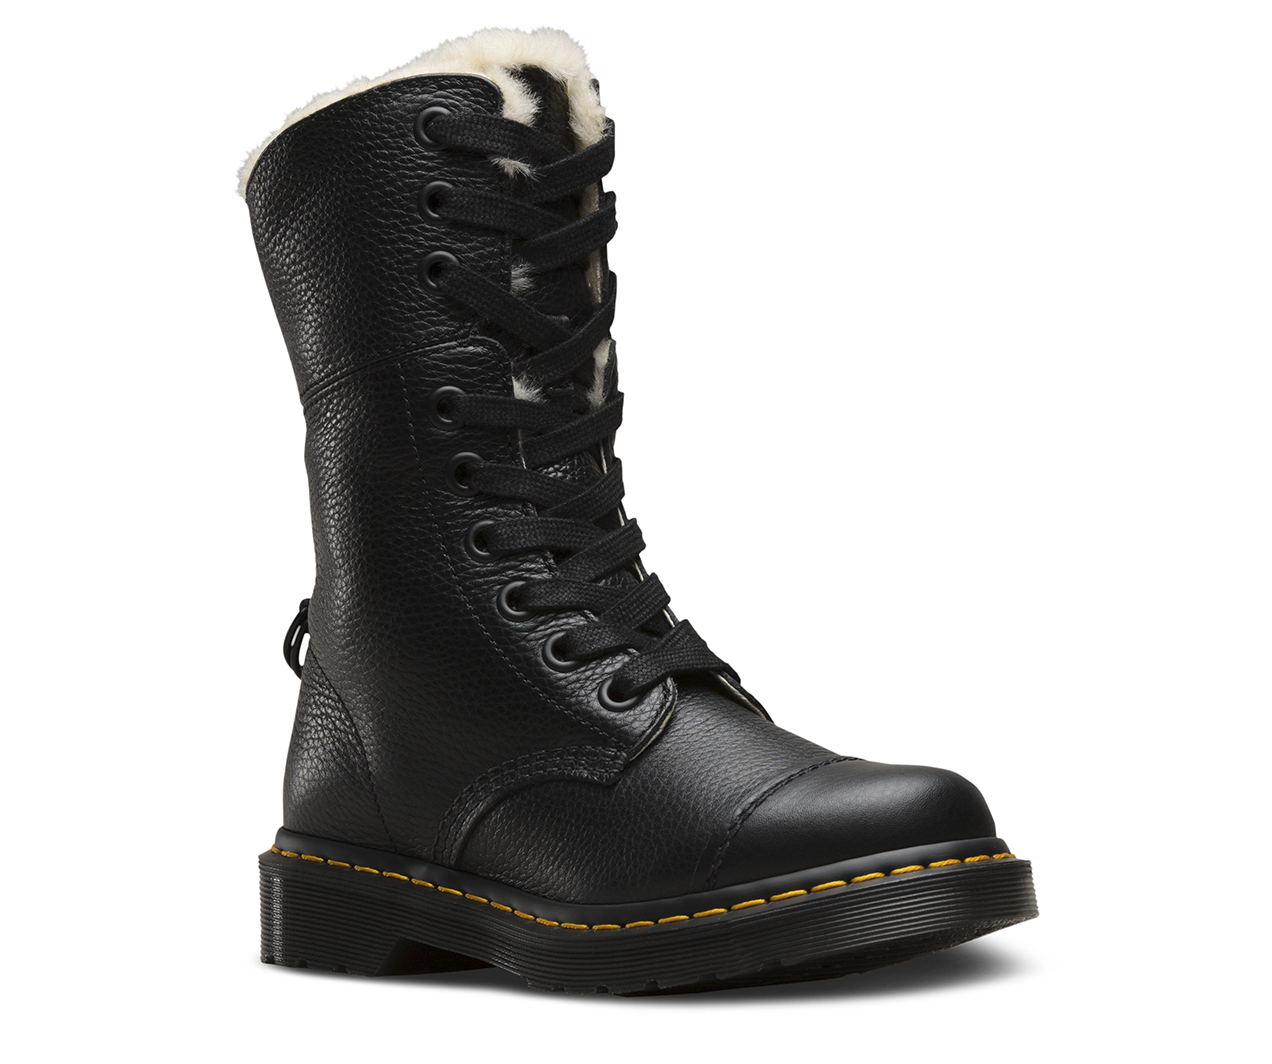 Dr. Martens Aimilita Fl Black Aunt Sally 22694001, Boots, Noir, 36 EU